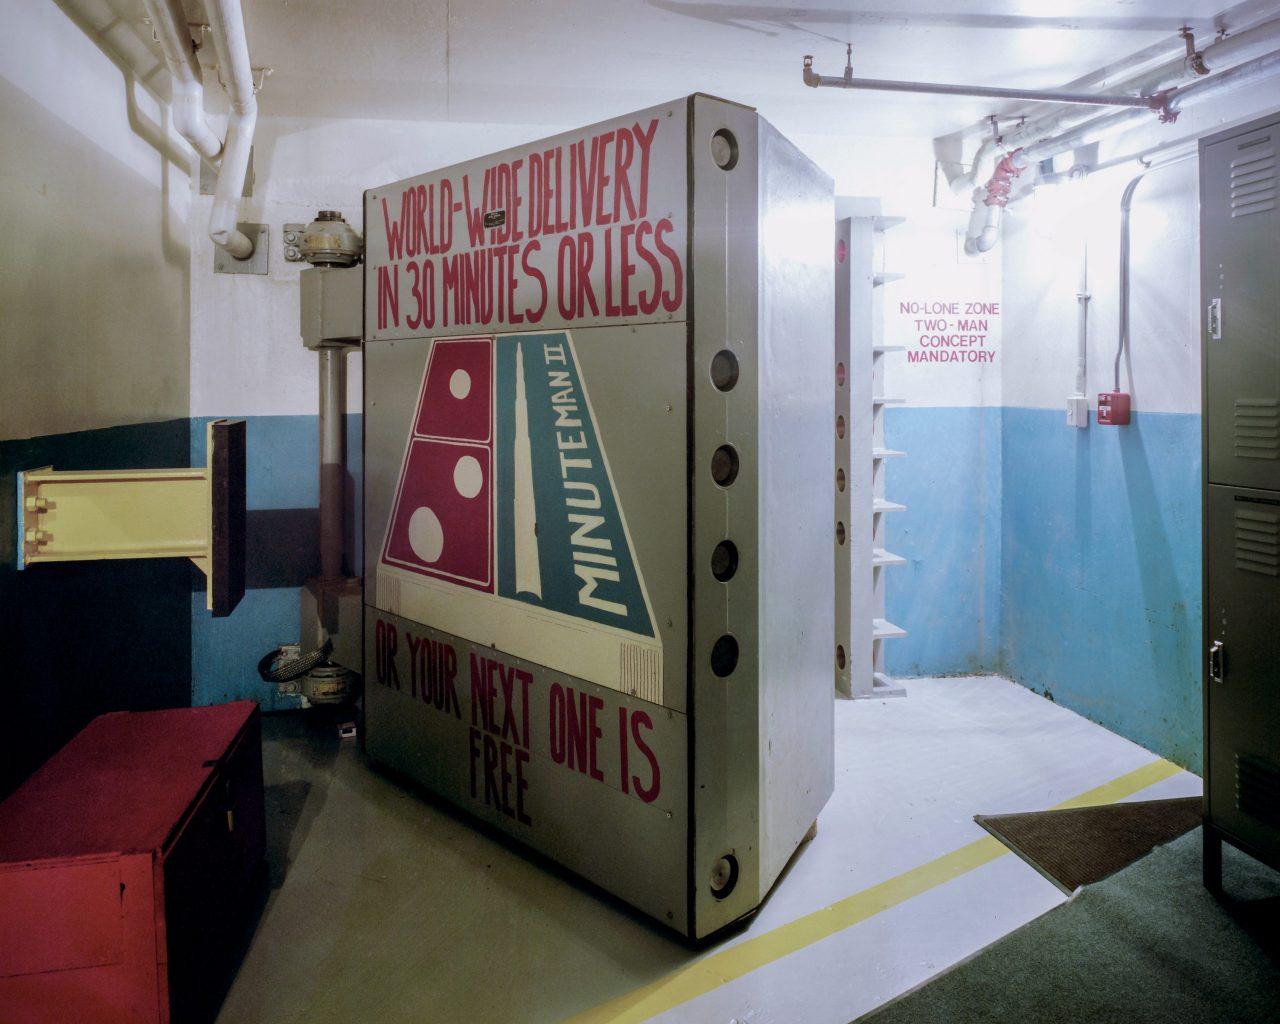 Minuteman II blast door